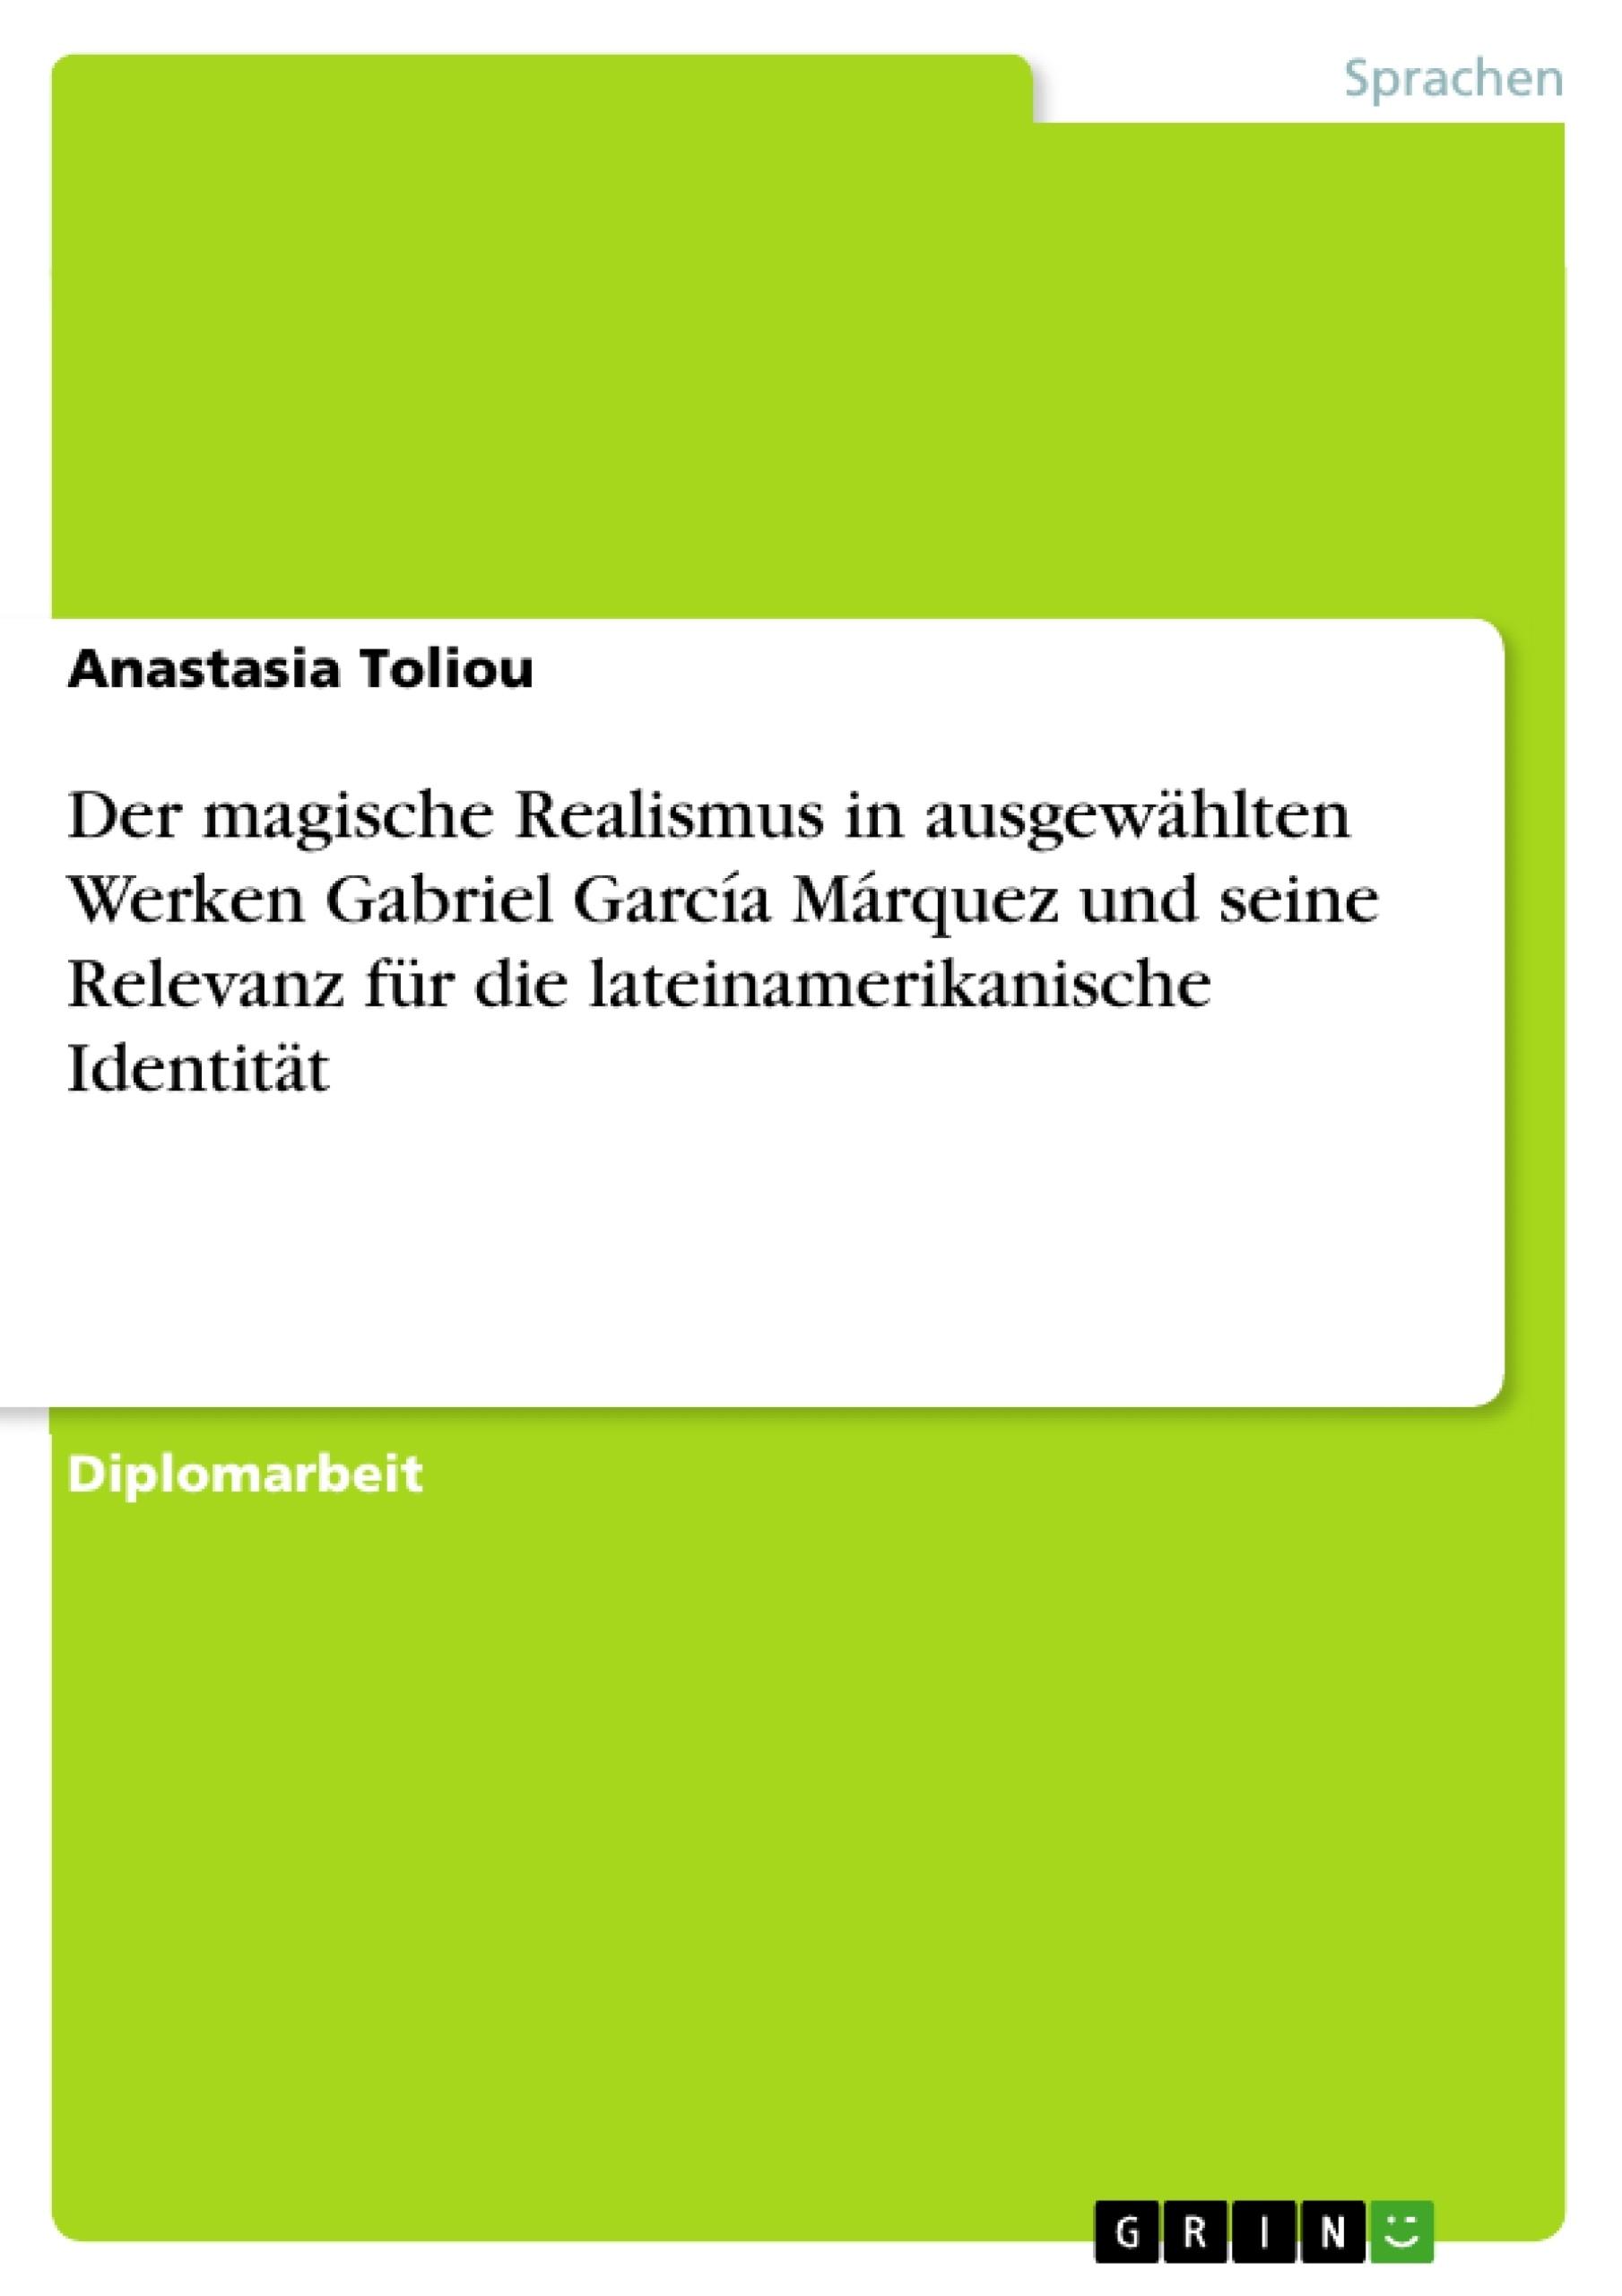 Titel: Der magische Realismus in ausgewählten Werken Gabriel García Márquez und seine Relevanz für die lateinamerikanische Identität